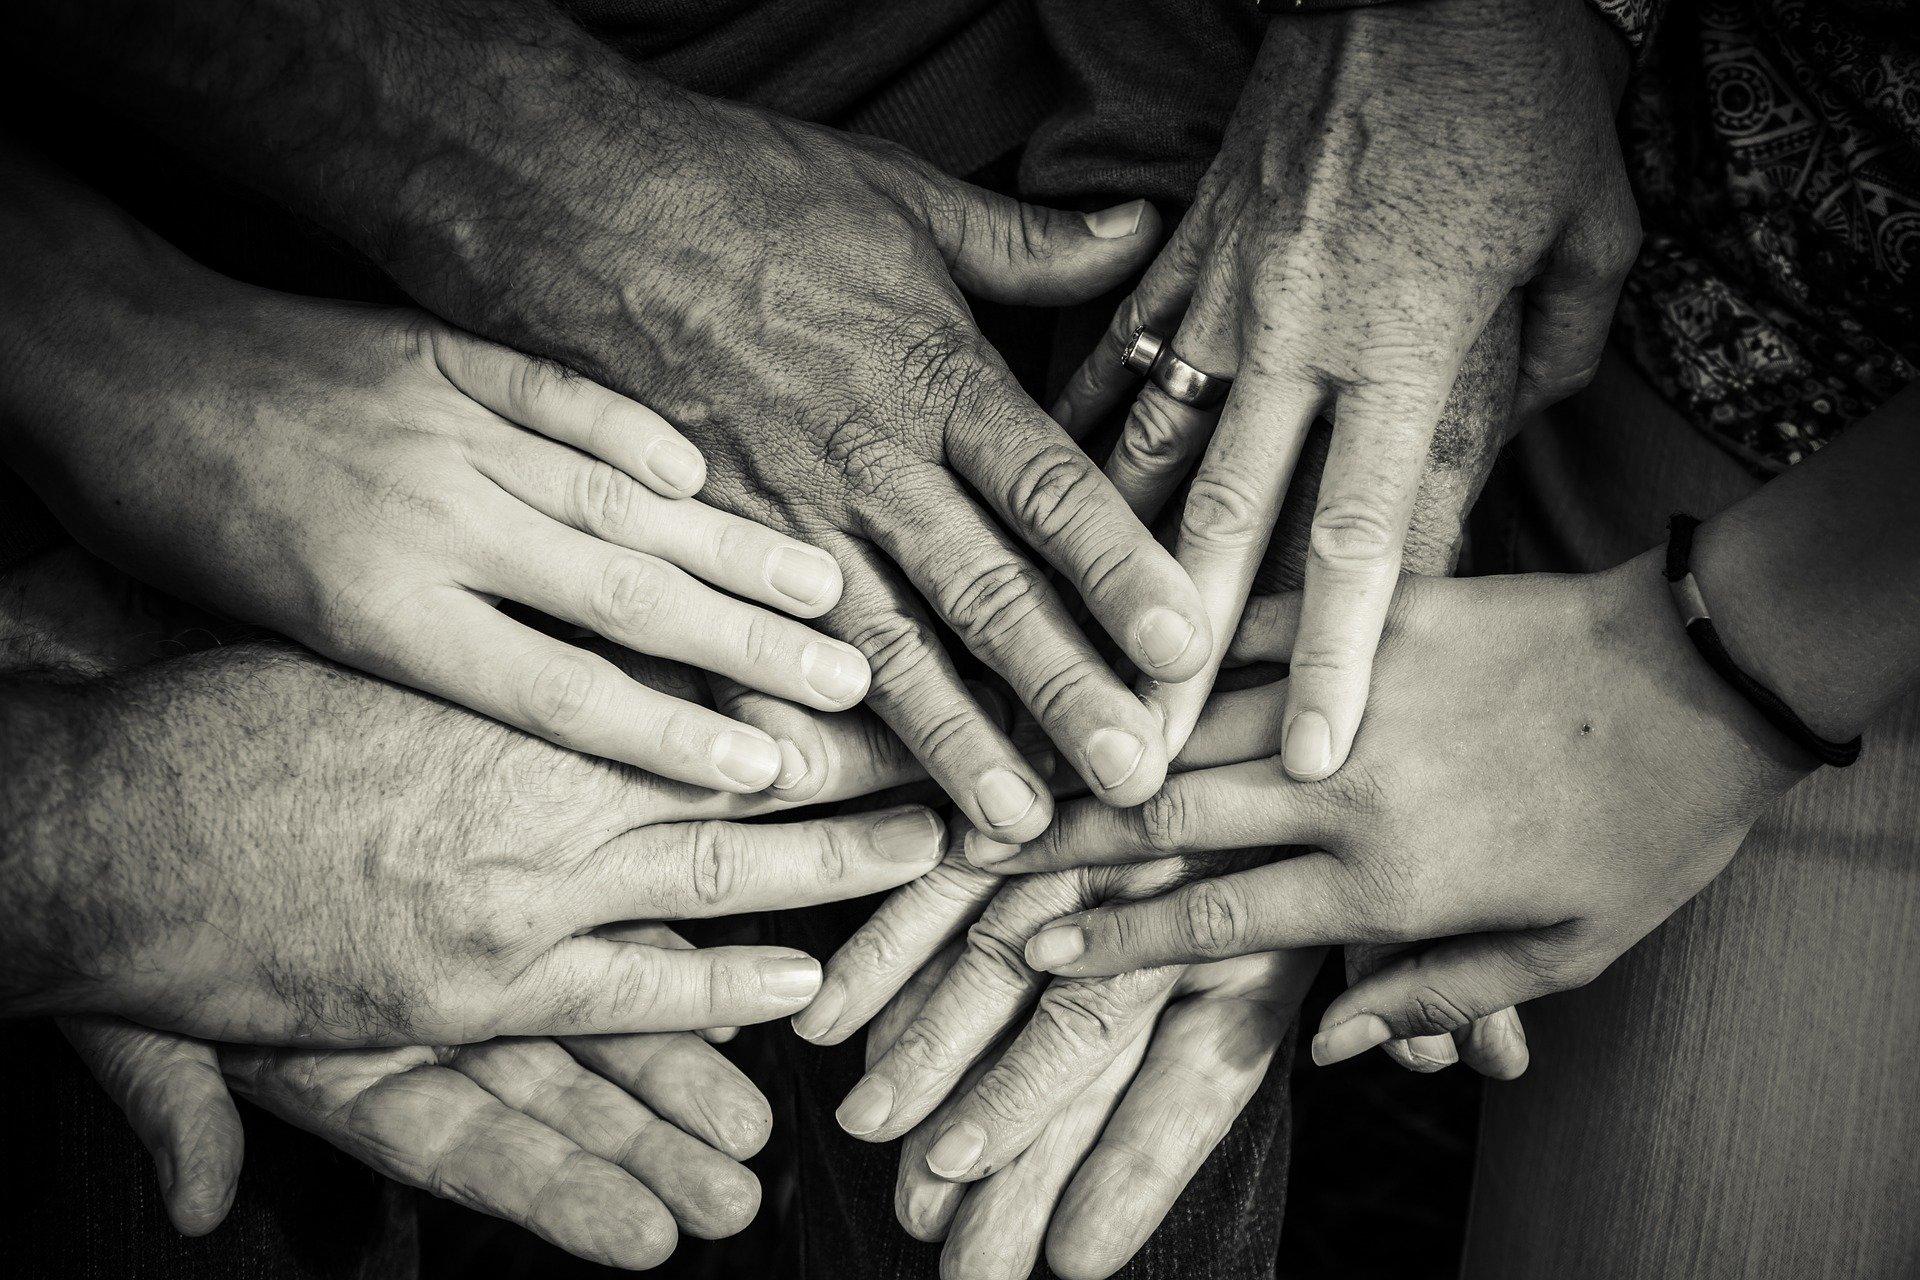 hands-4114905_1920.jpg